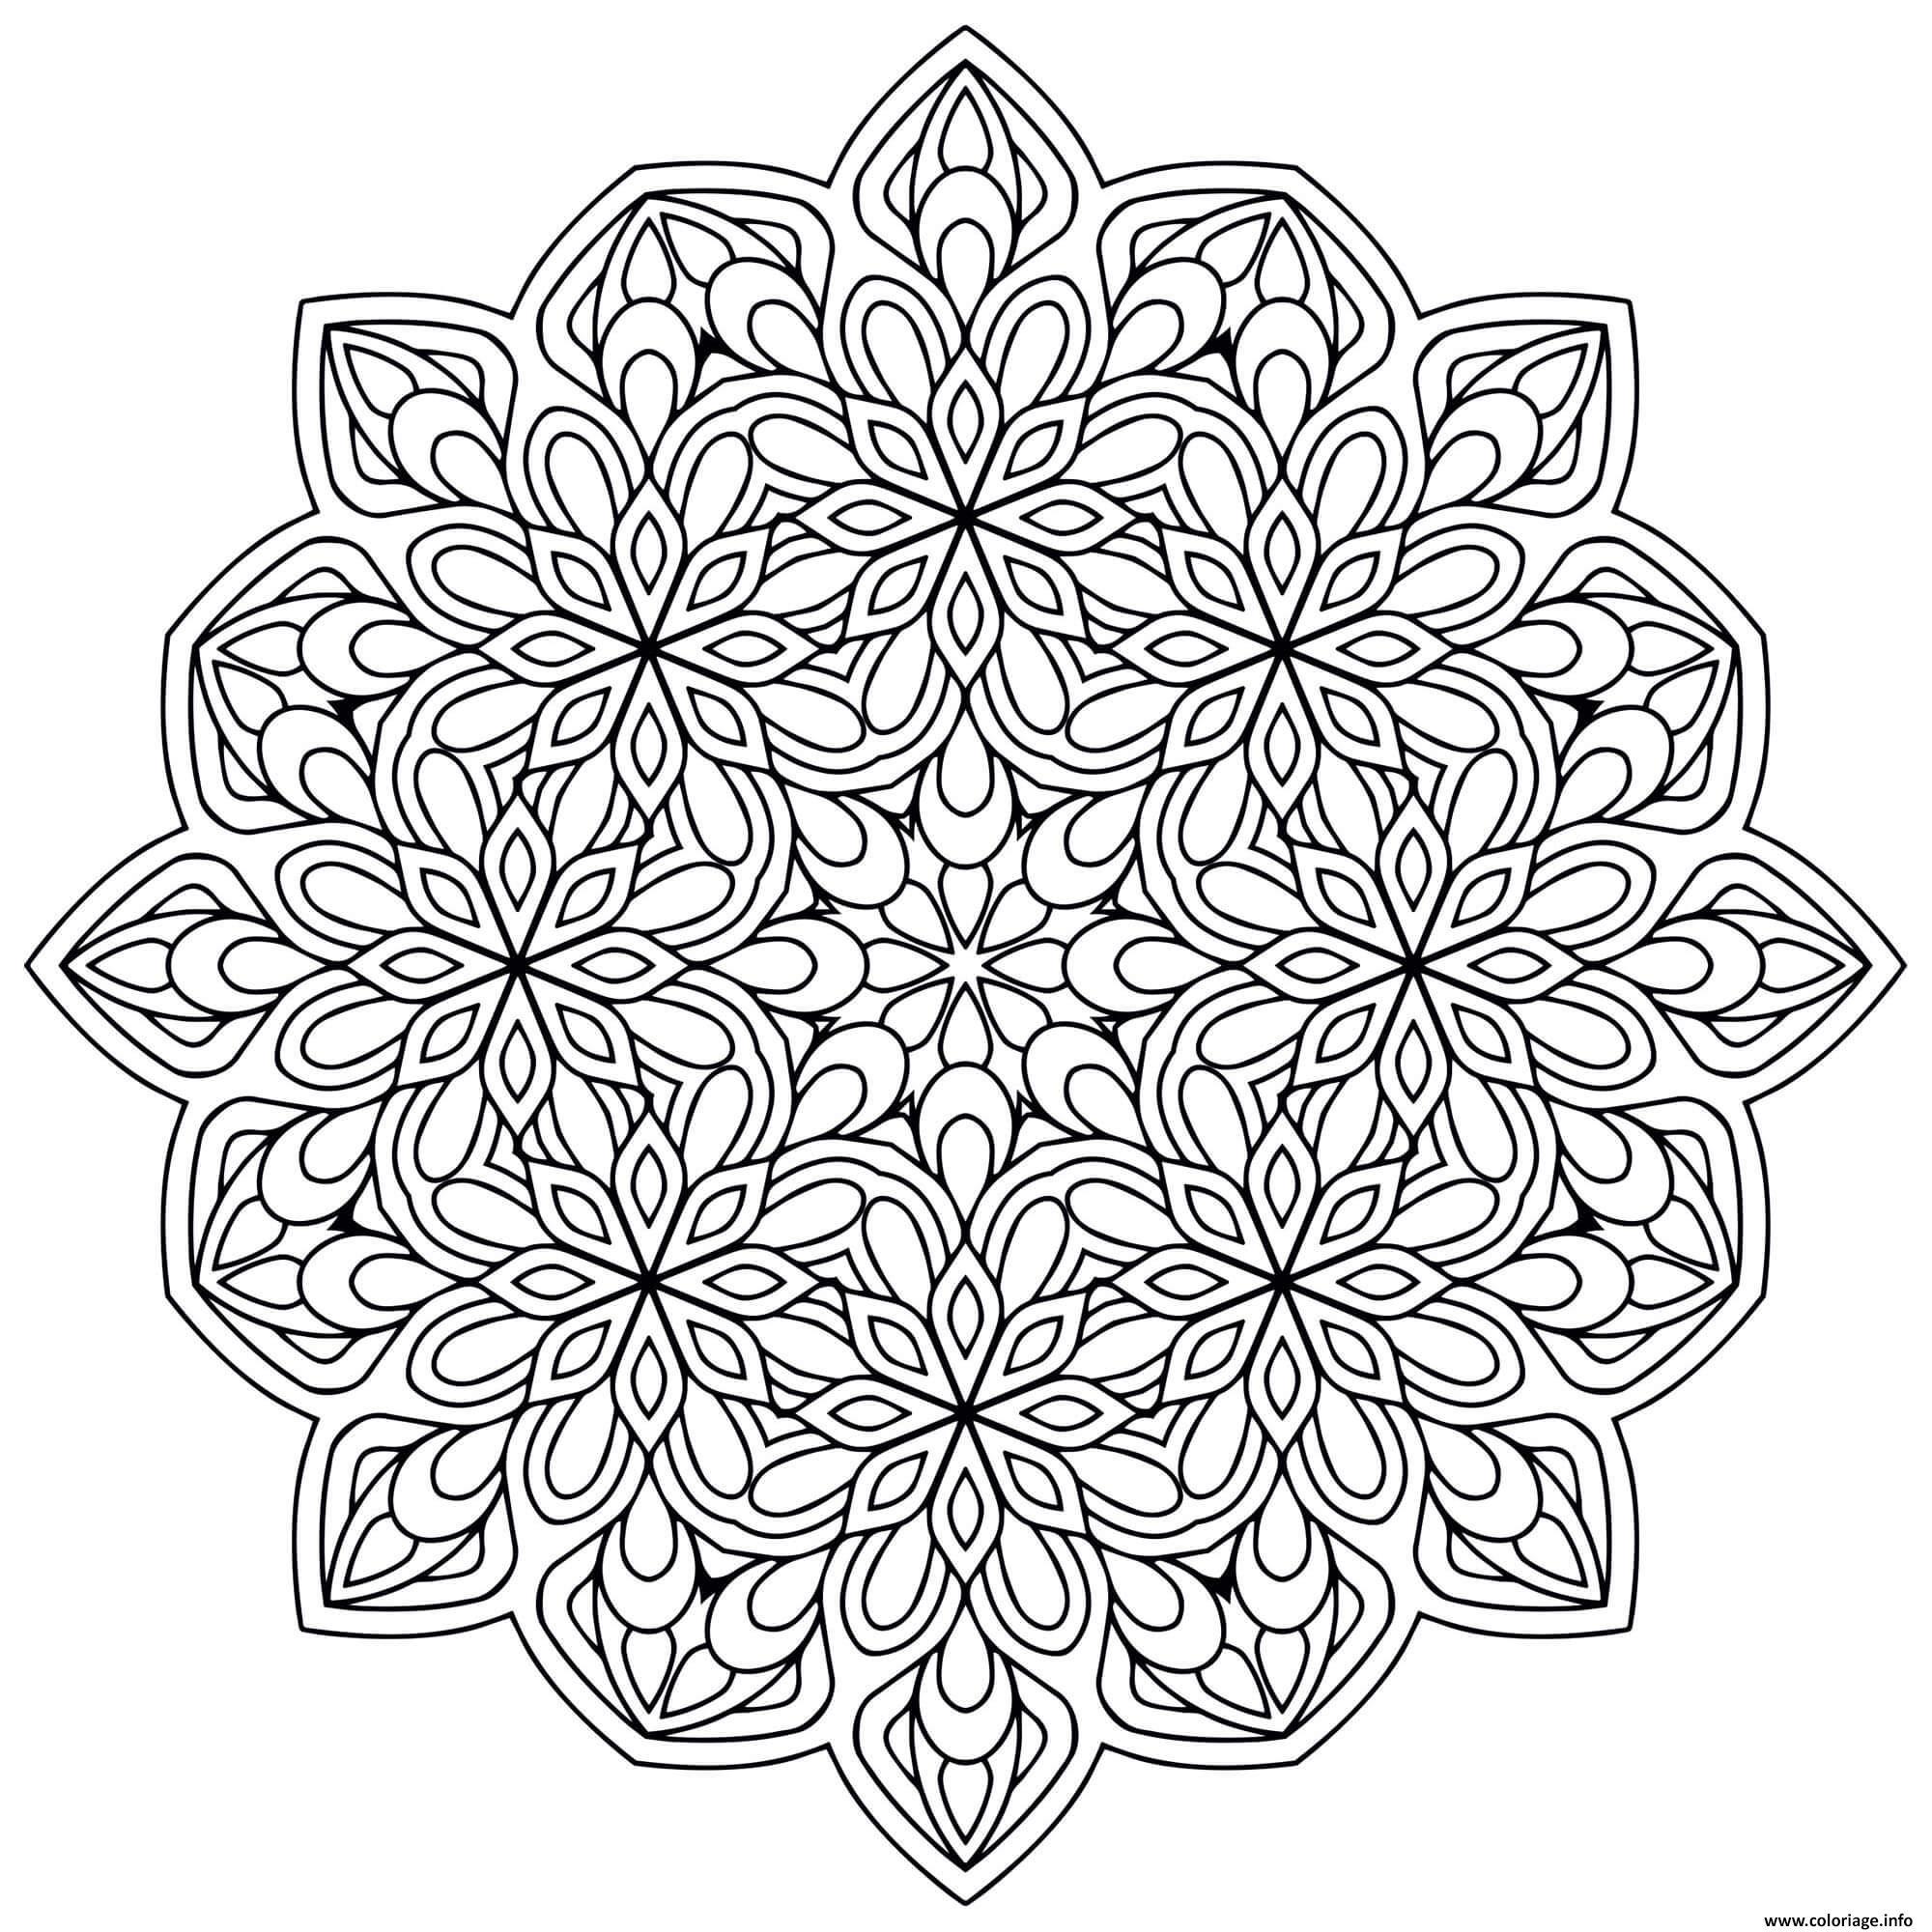 Dessin mandala zen antistress fleurs Coloriage Gratuit à Imprimer